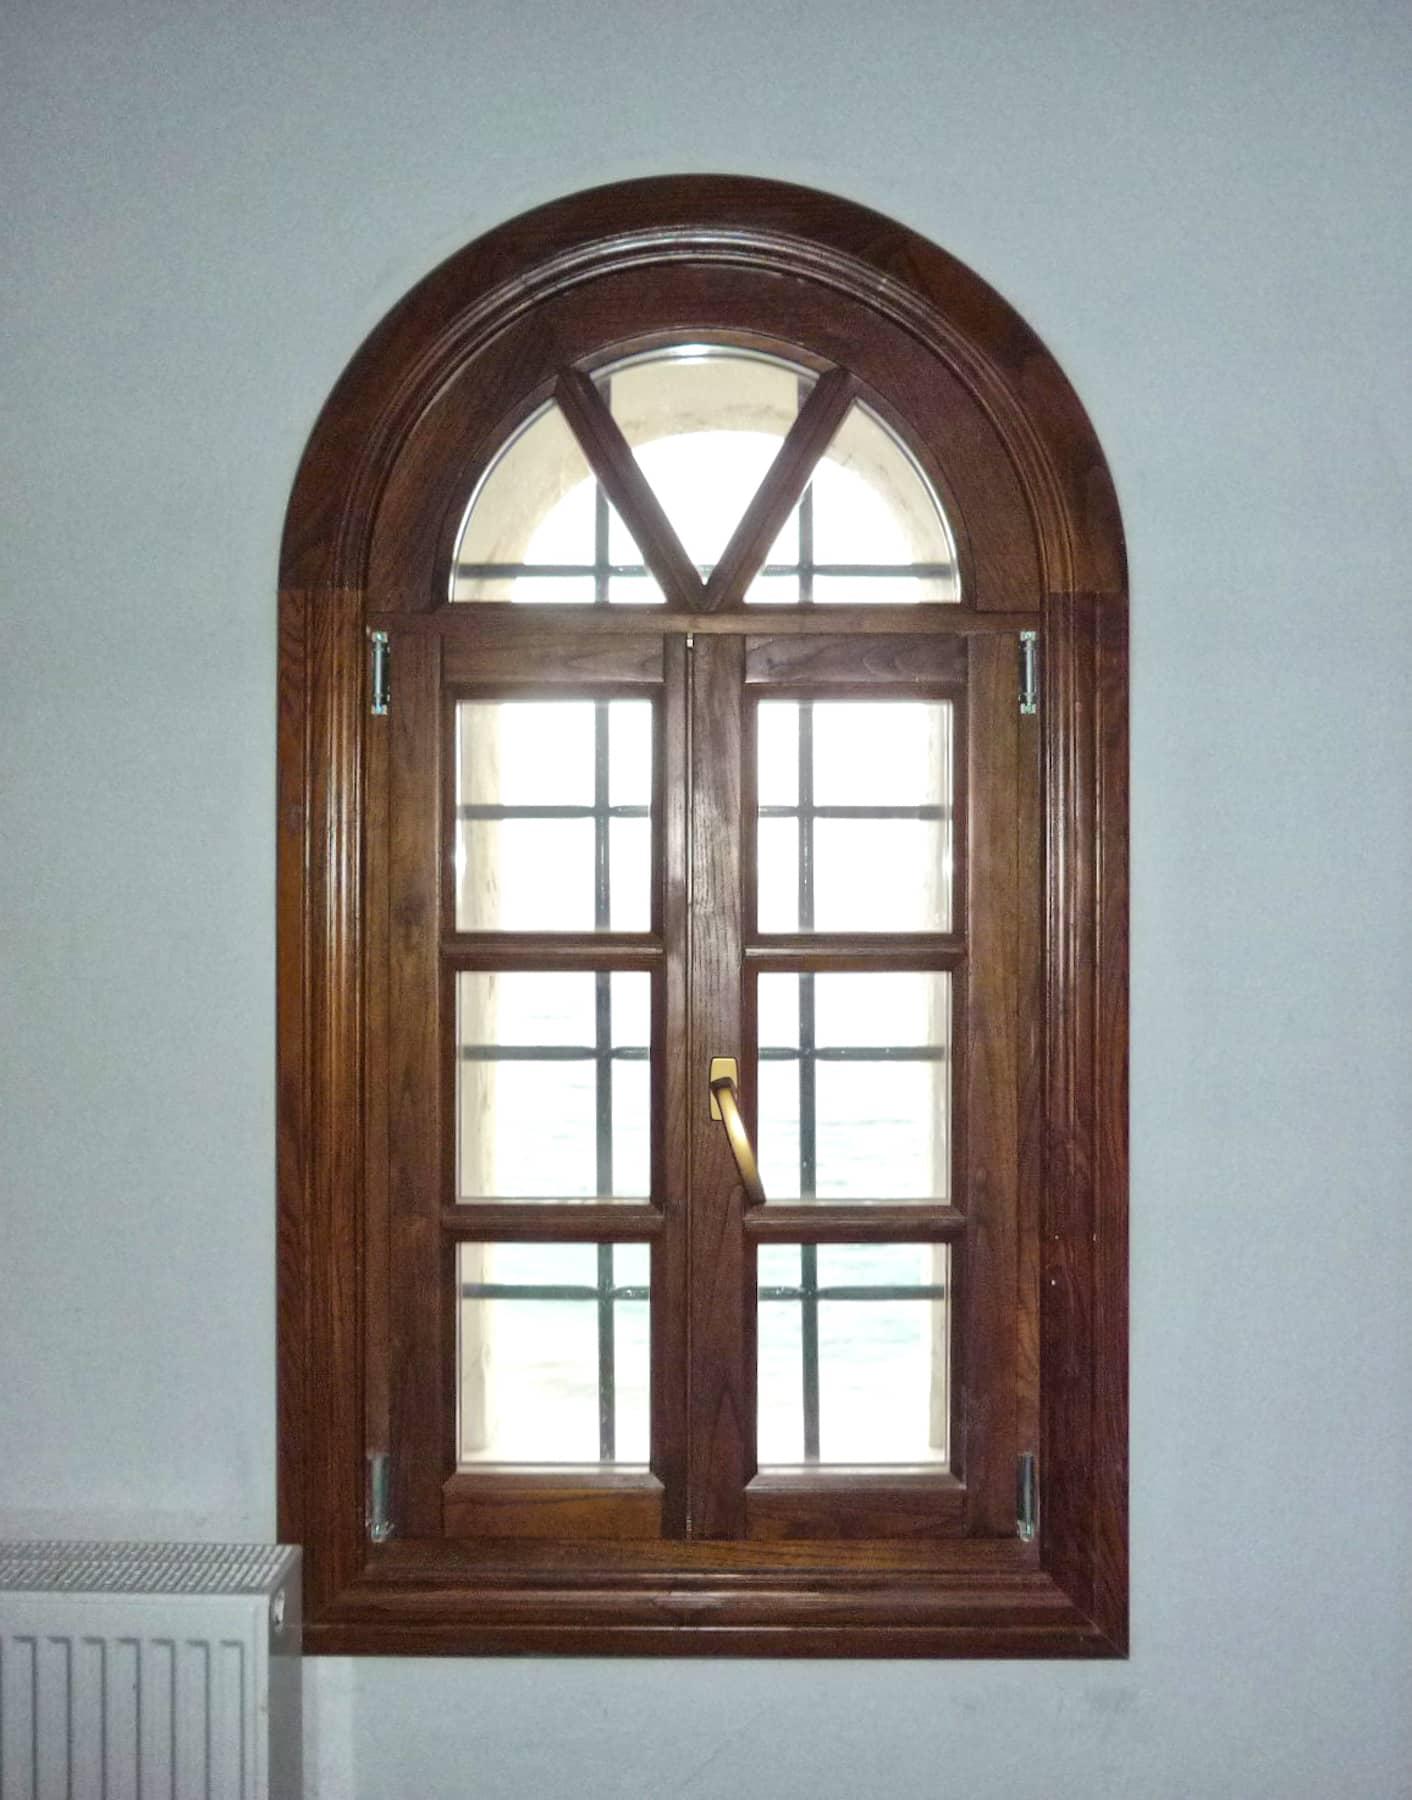 τοξωτό ξύλινο παράθυρο με φεγγίτη τριών τζαμιών και σιδεριά